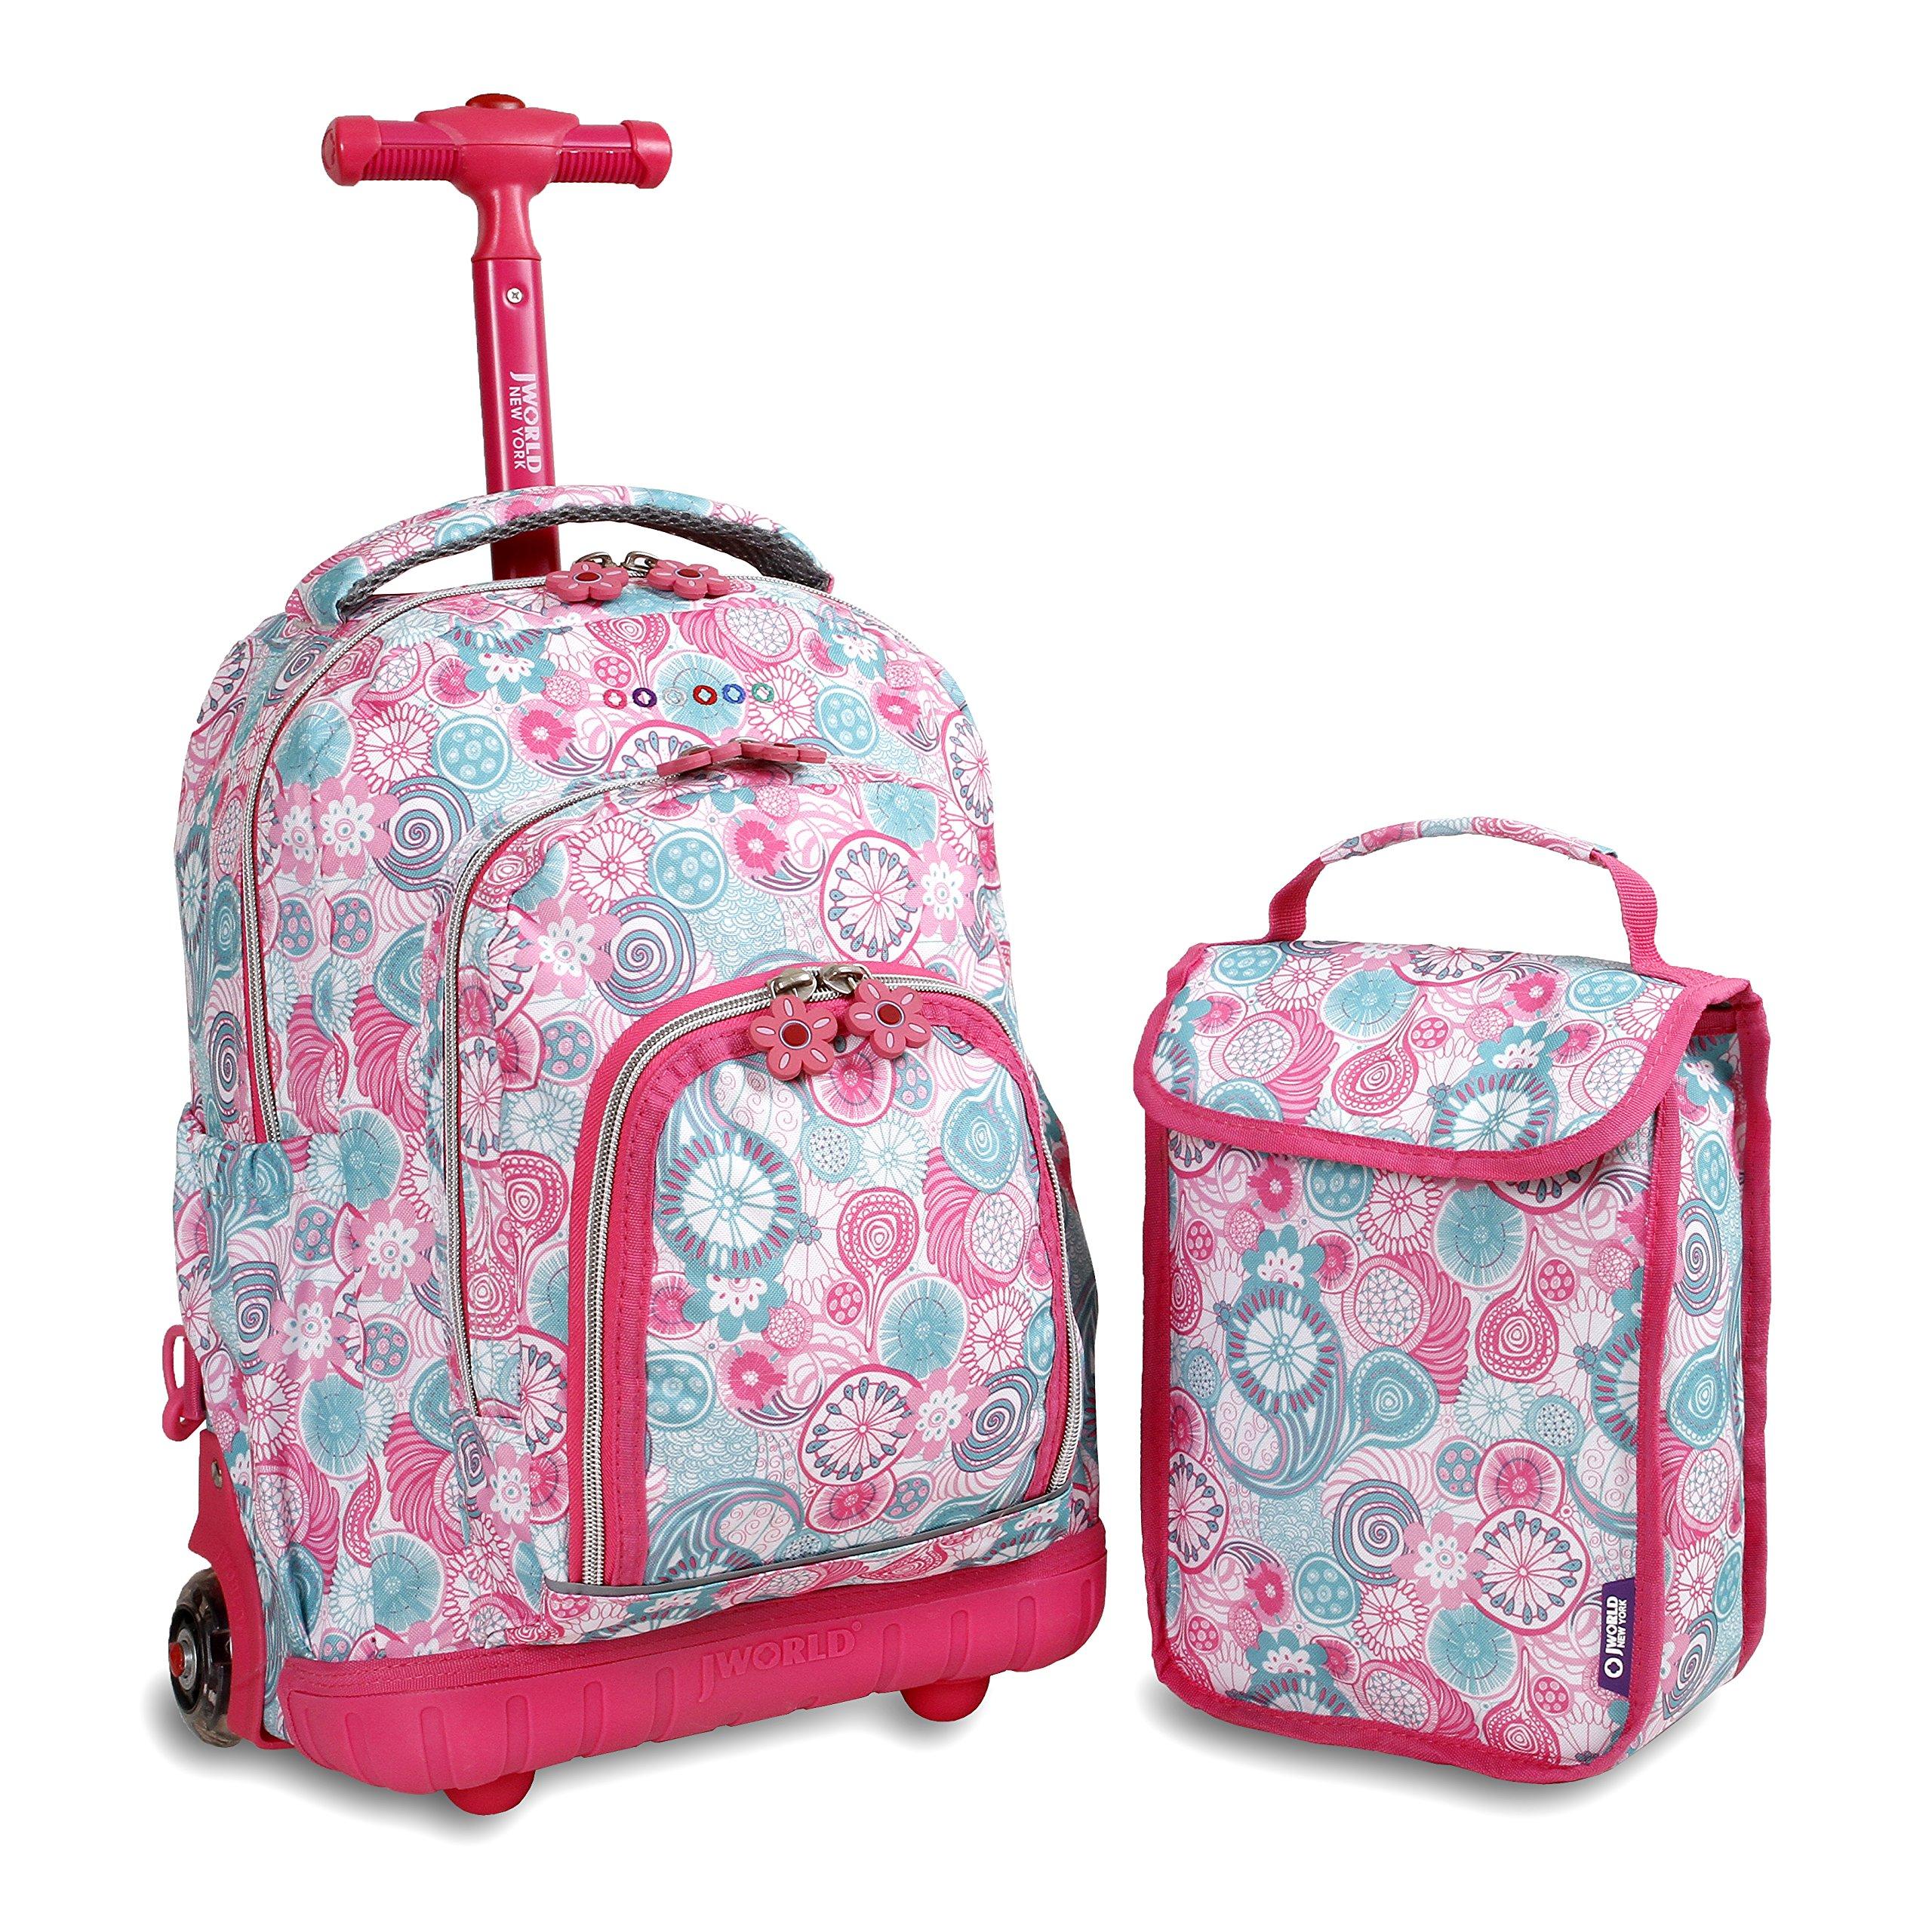 Kids Rolling Backpack Lunch Bag Girls Bookbag School Bento Holder Pink Blue